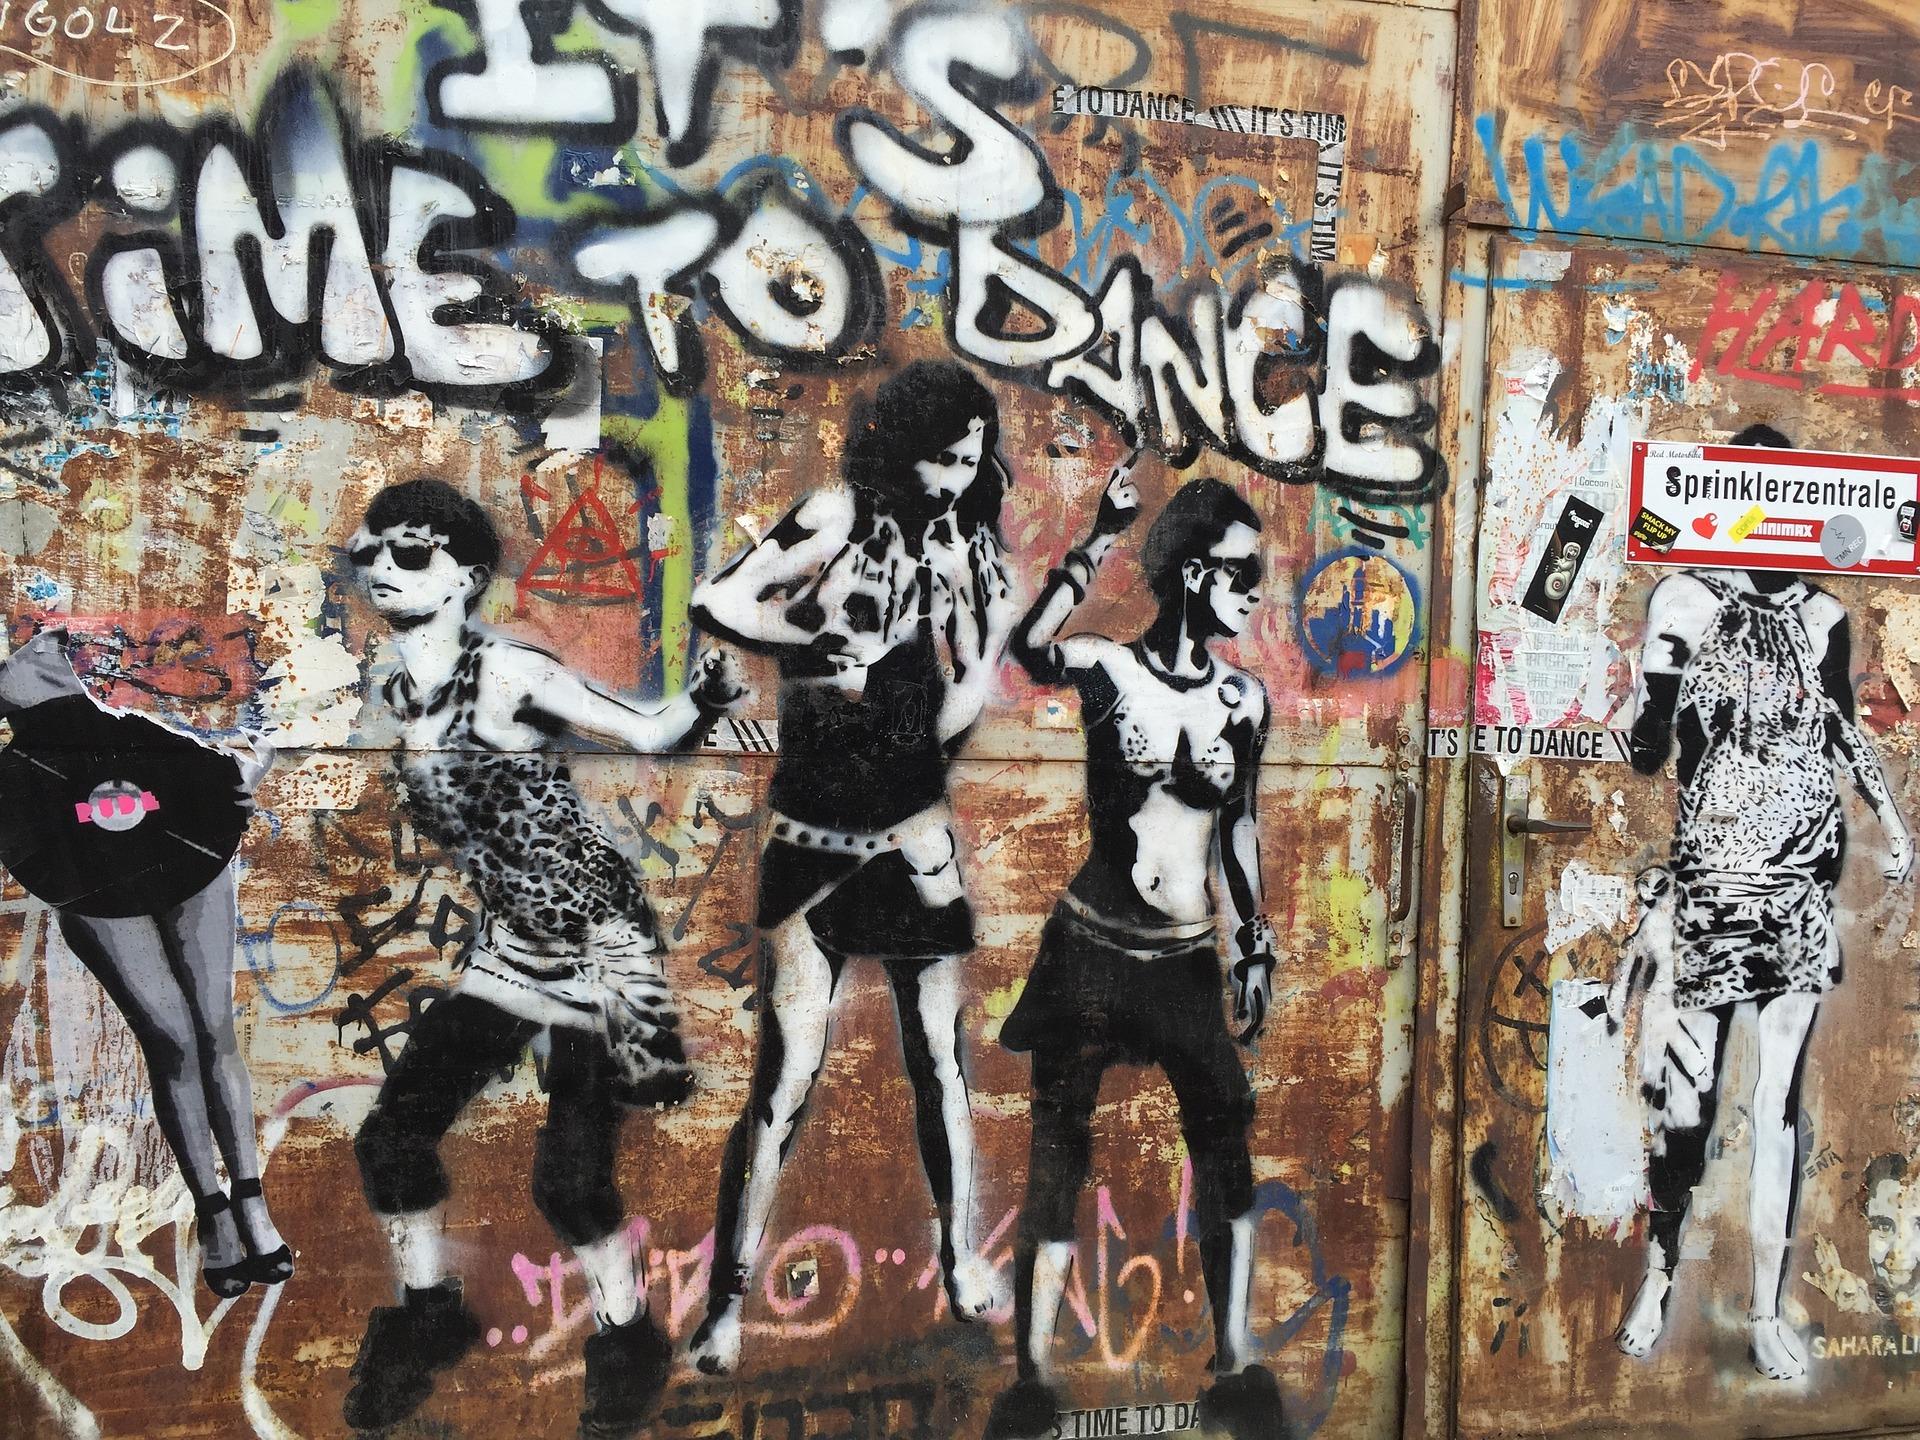 Berlin_Street_Art_CC0_EVJF.jpg?1544810688